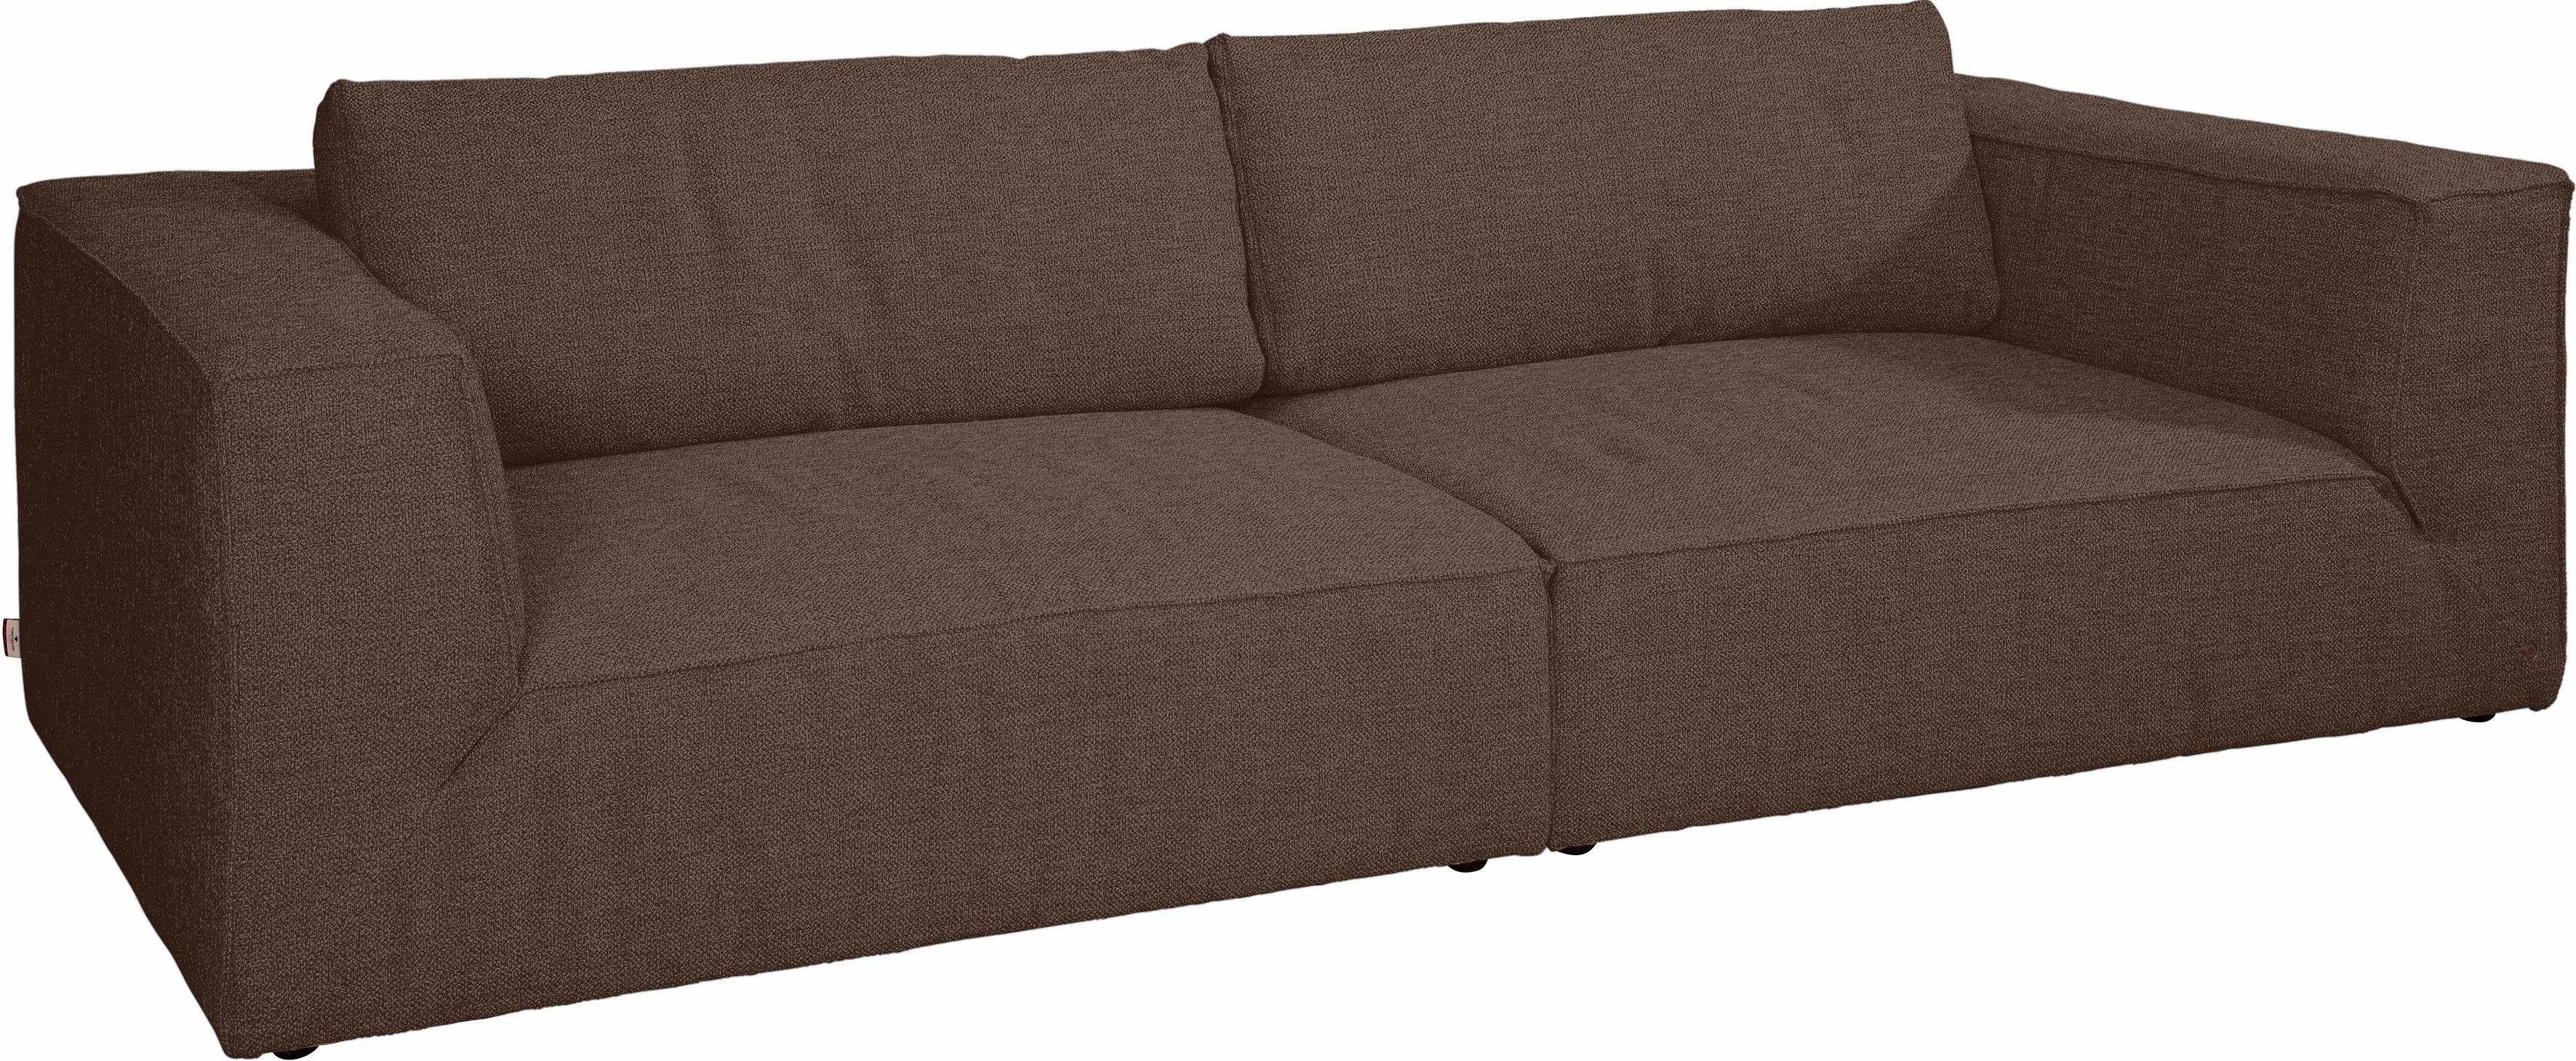 Tom Tailor Big Sofa Braun Big Cube Style Jetzt Bestellen Unter